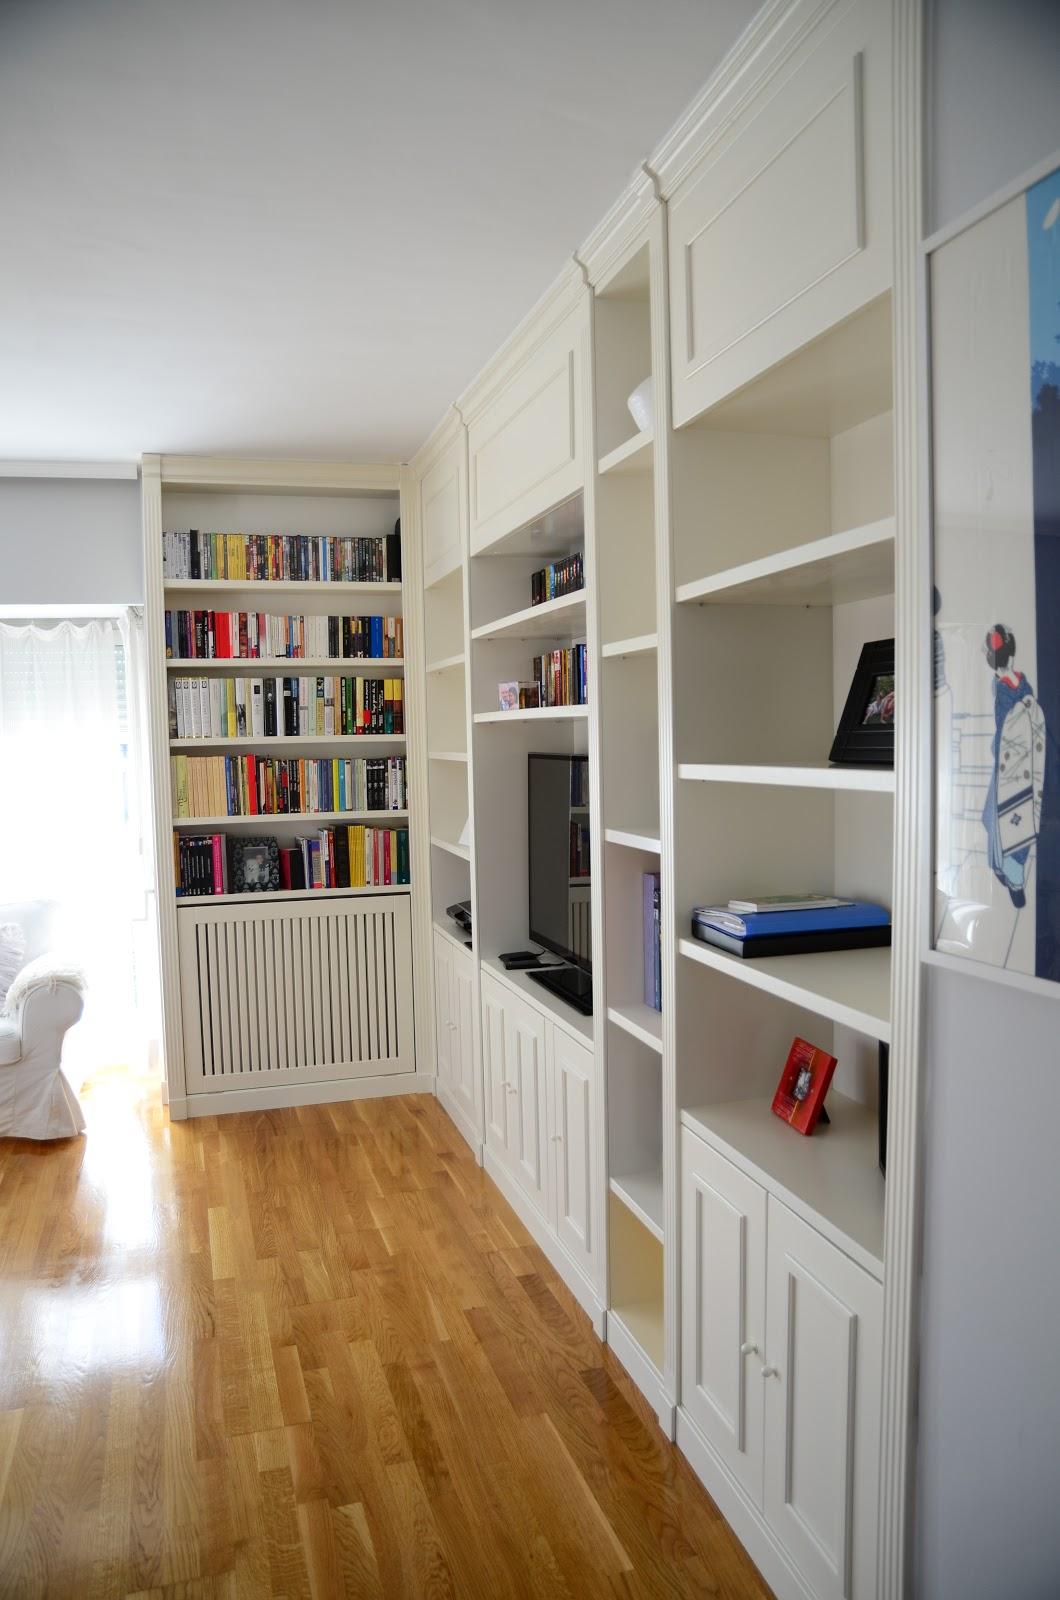 Librerias a medida madrid muebles librerias lacadas de for Libreria muebles